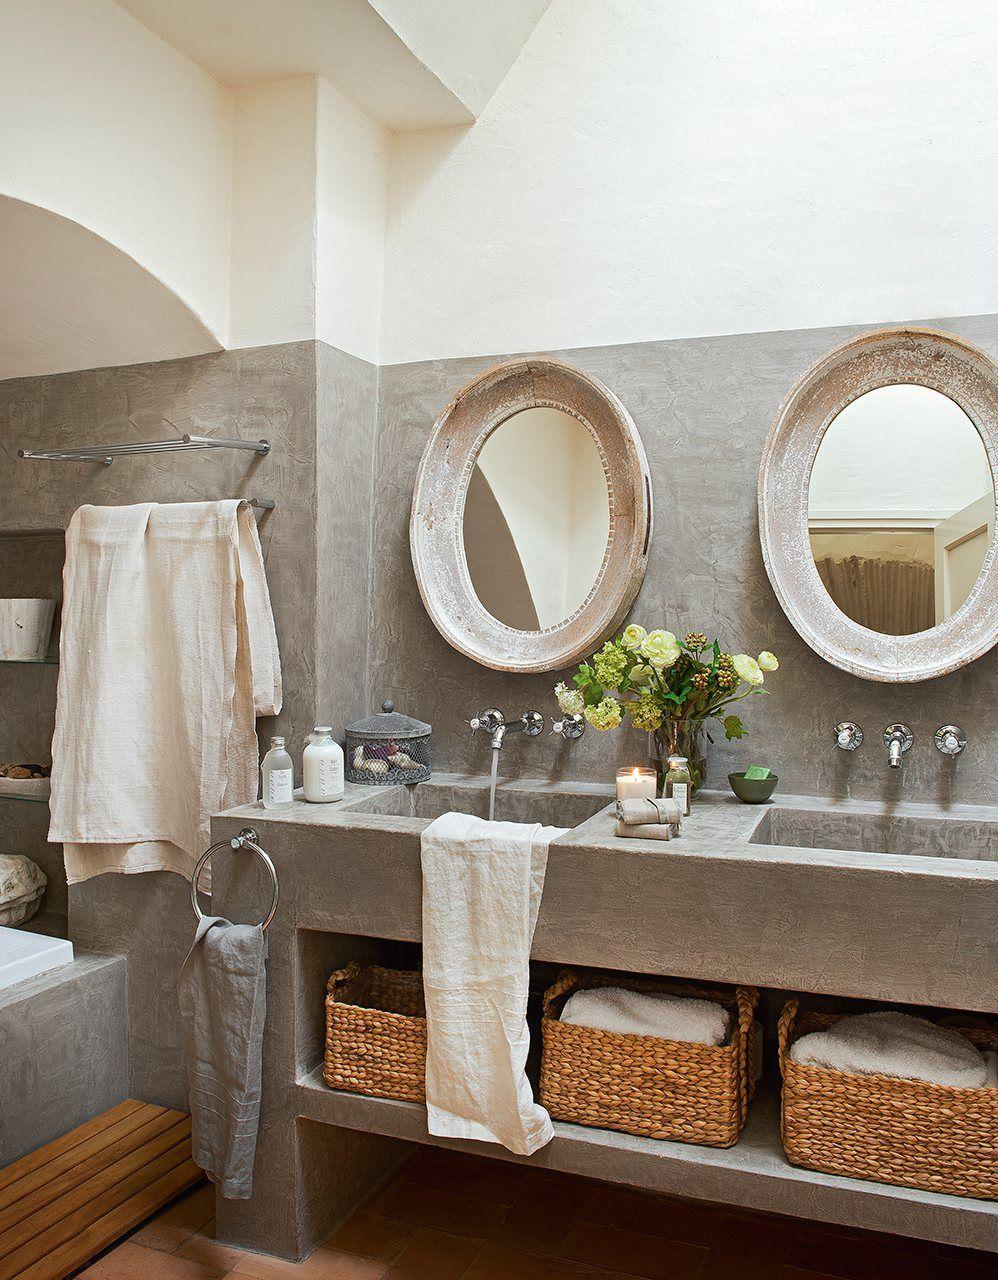 Bathroom   Concrete   Mirror   Interiors   Un antiguo pajar rehabilitado · ElMueble.com · Casas